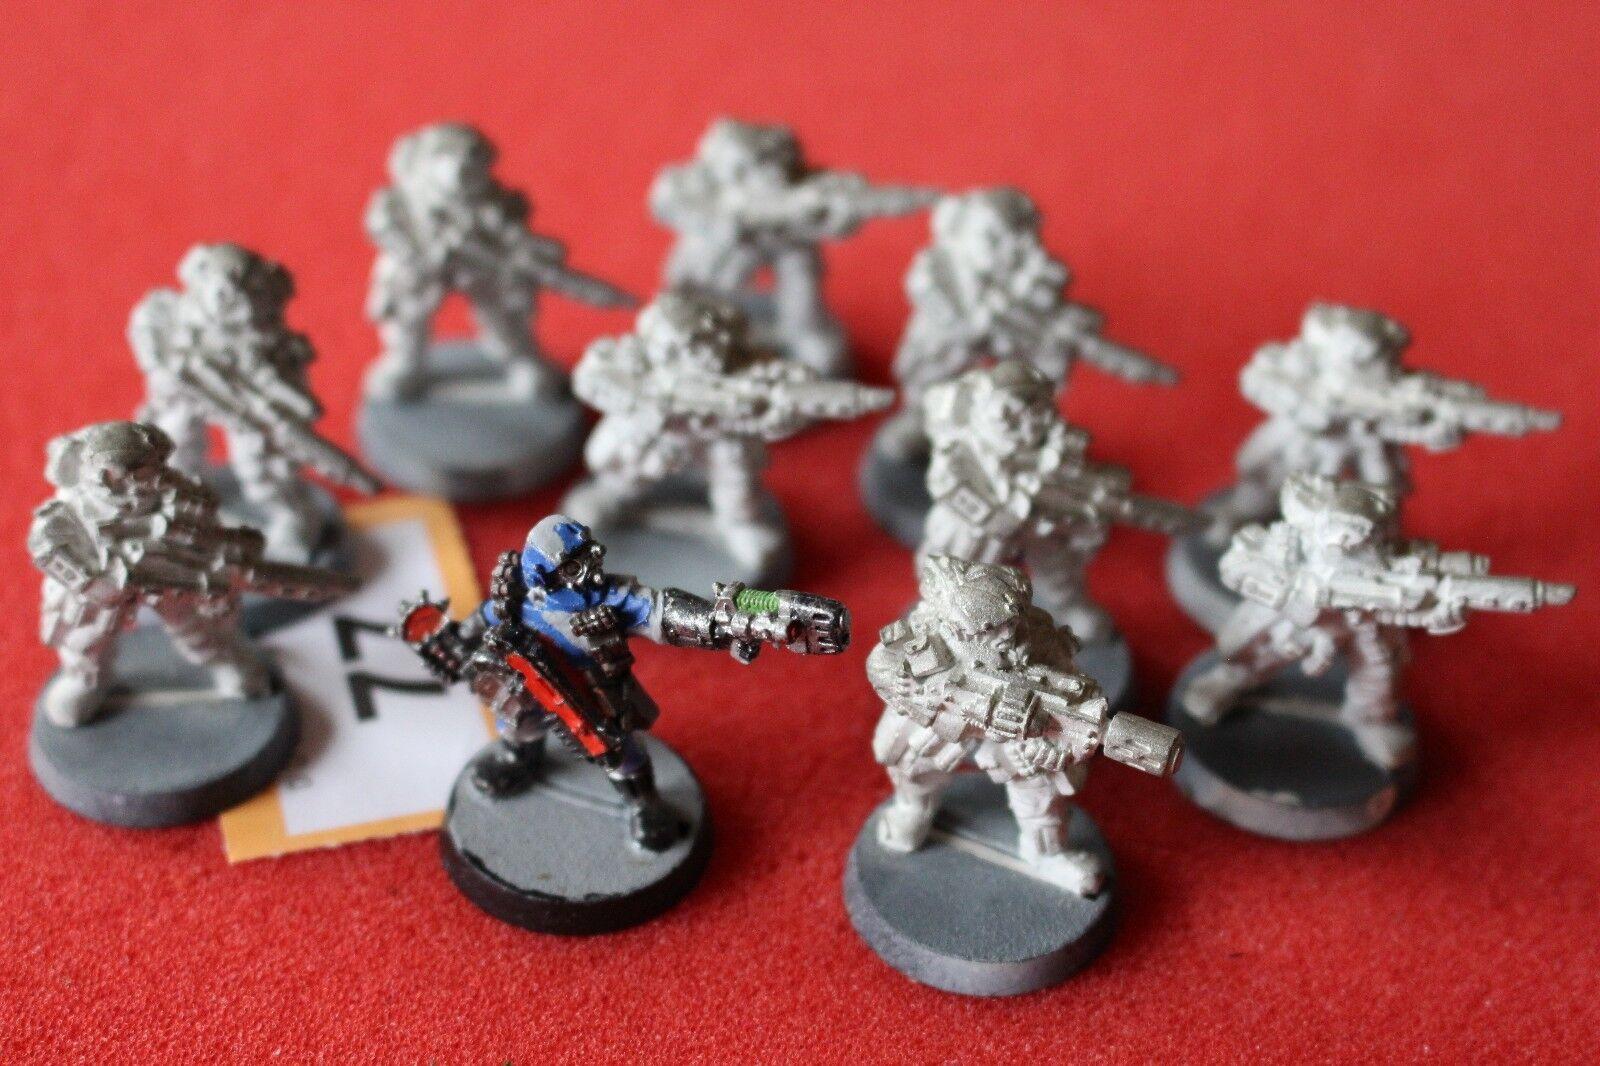 giocos lavoronegozio WARHAMMER 40k inquisitorio Stormtrooper 11 cifra in mettuttio  fuori catalogo GW  economico in alta qualità